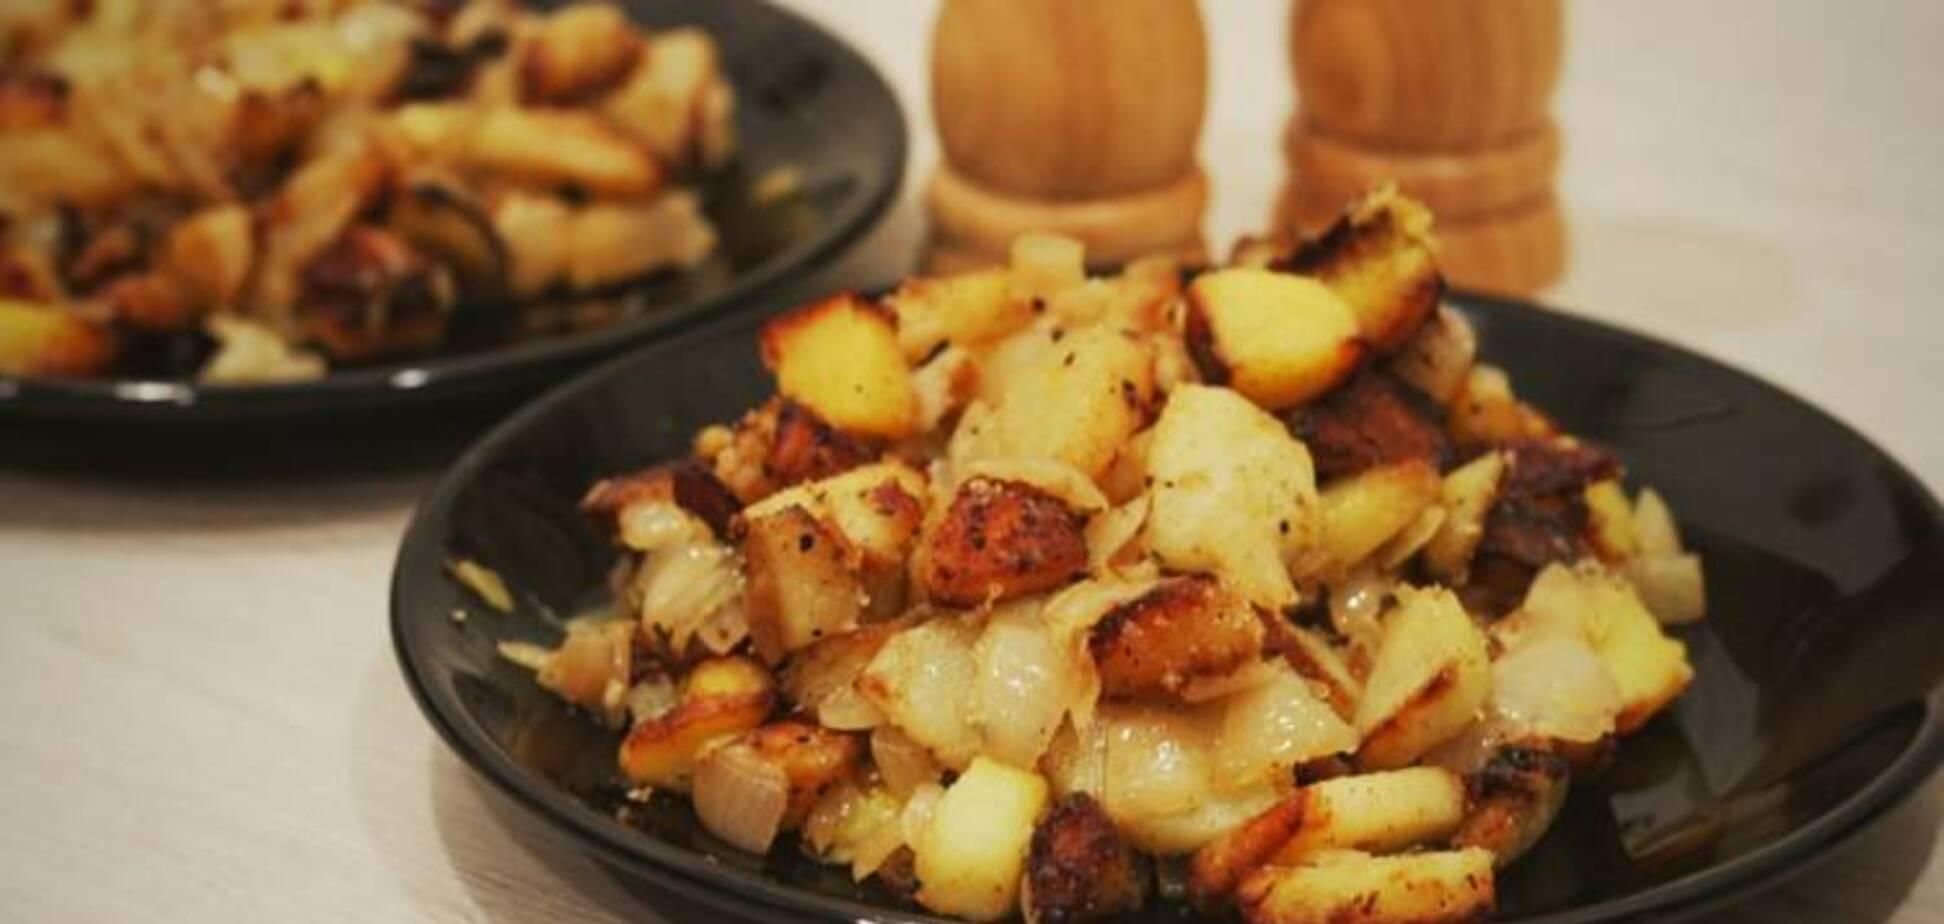 Сказочно вкусная жареная картошка: рецепт с секретом